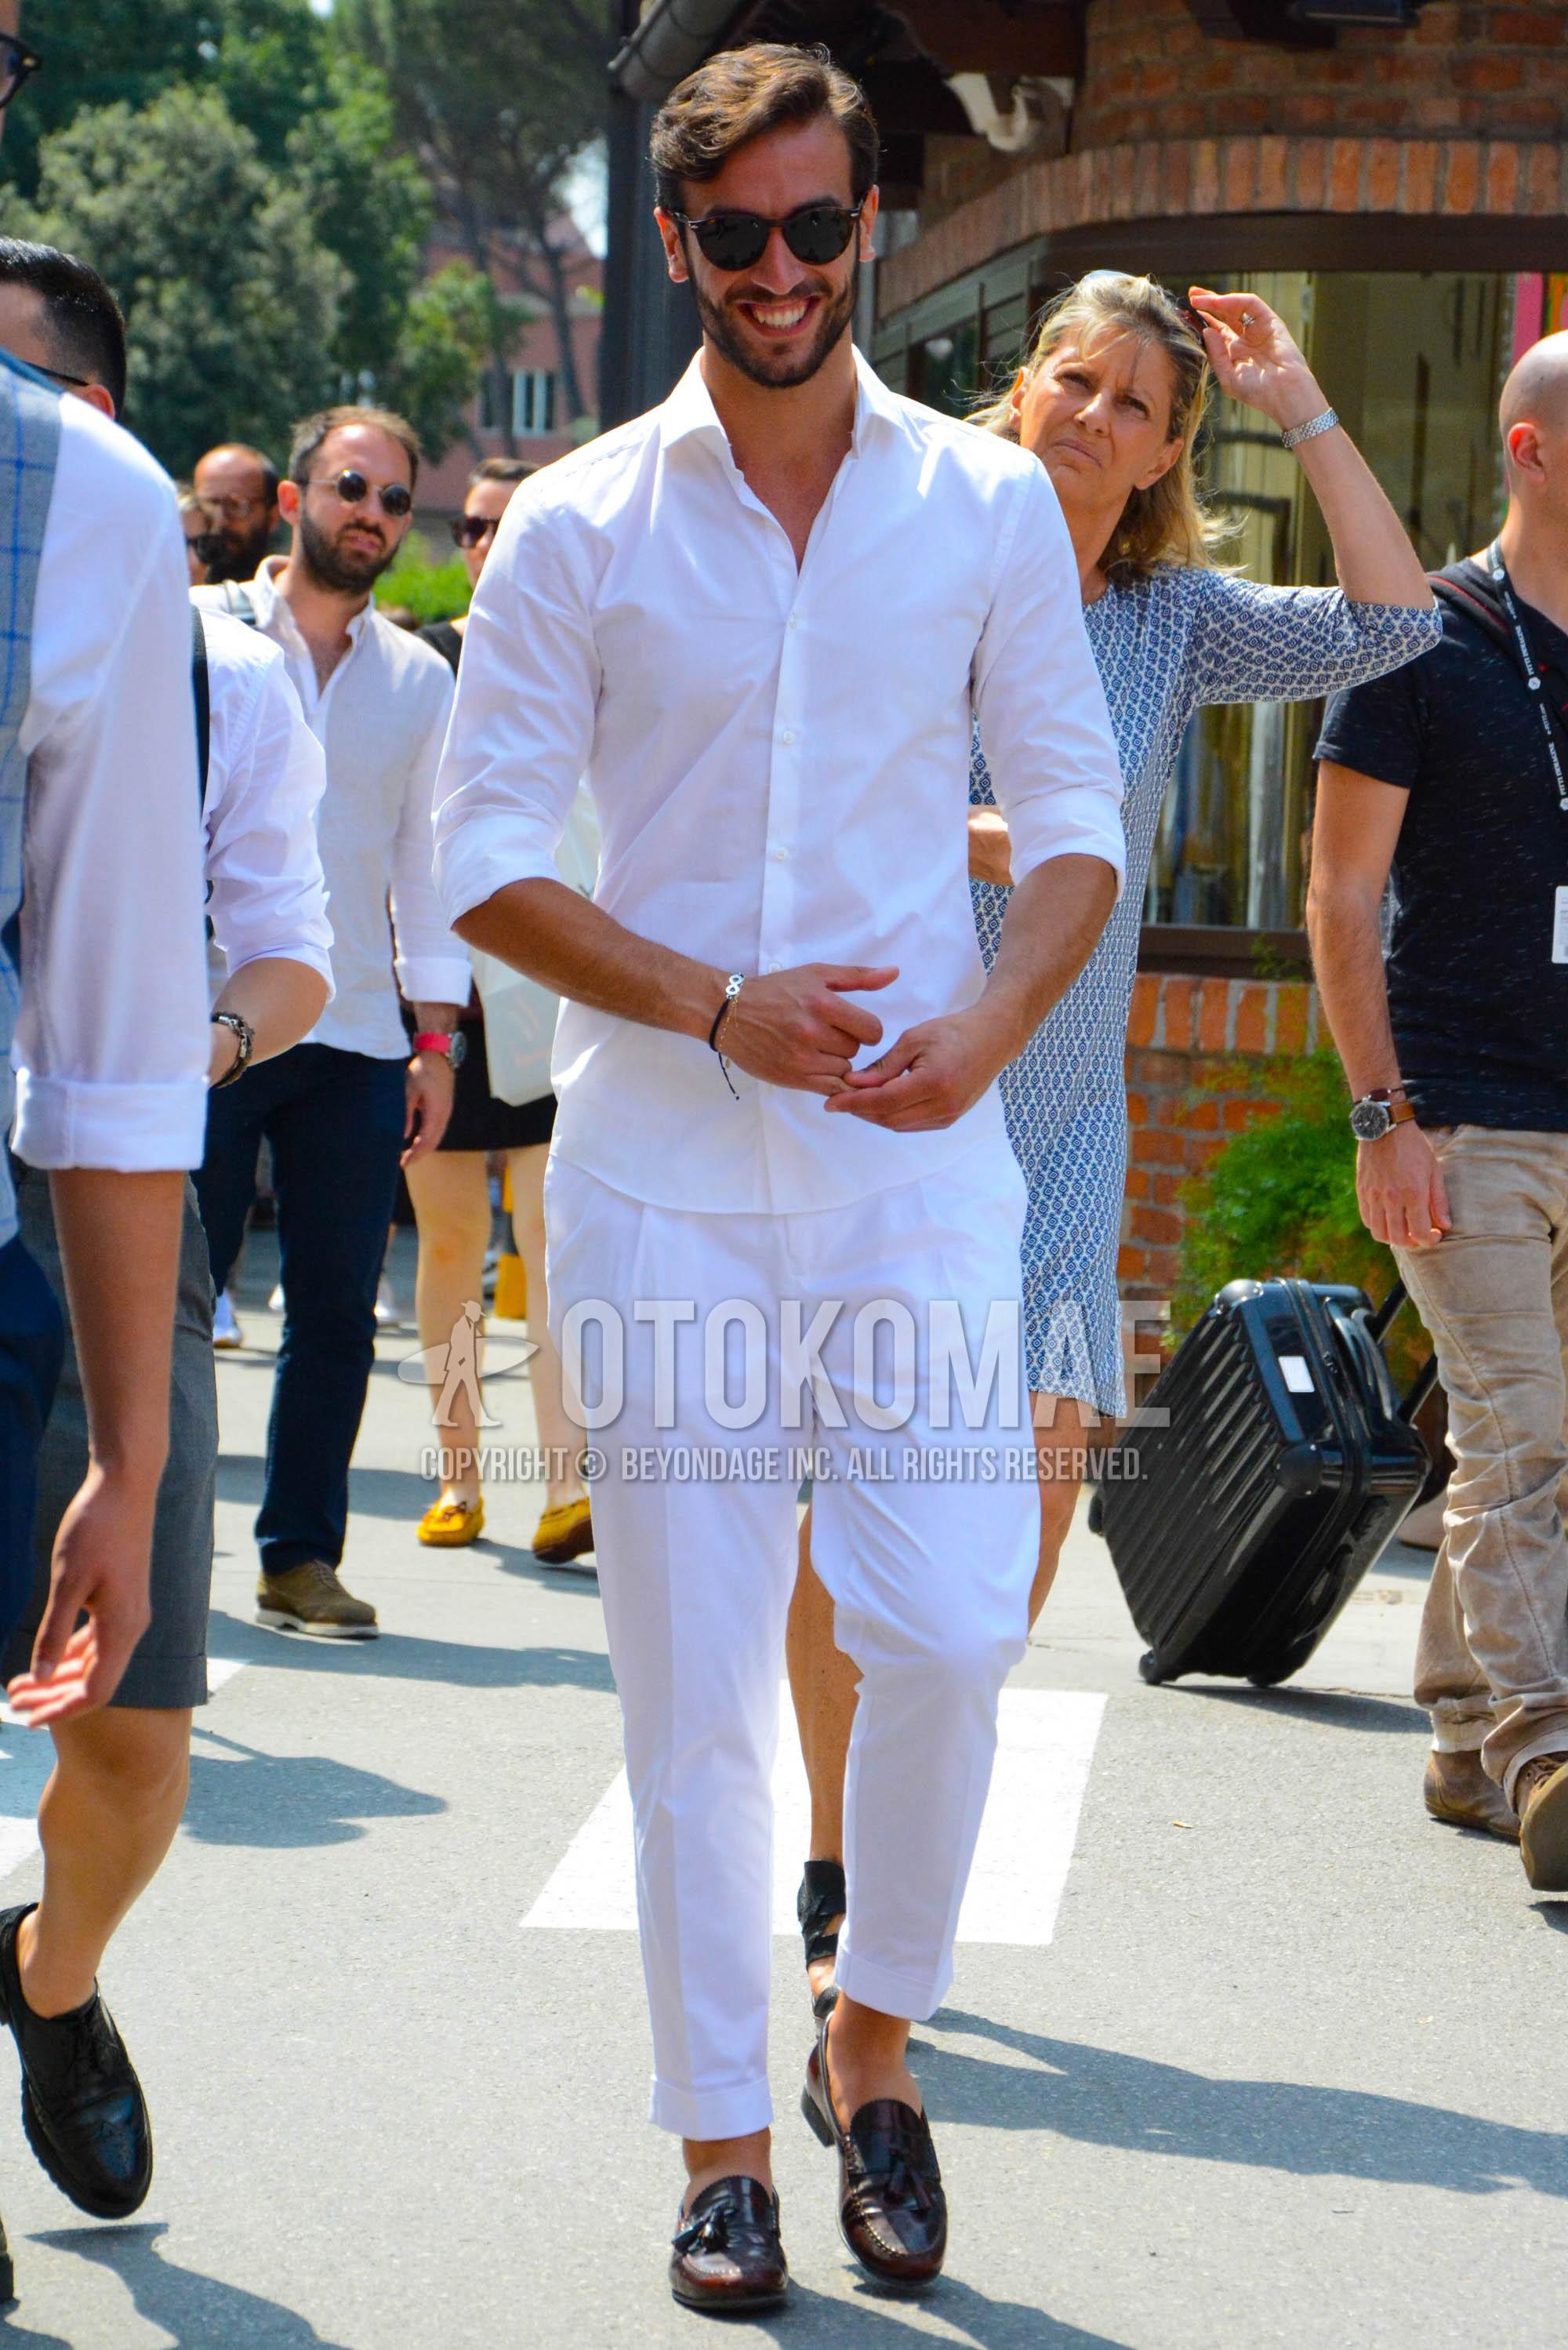 ブラウンべっ甲のサングラス、白無地のシャツ、白無地のコットンパンツ、ブラウンタッセルローファーの革靴を合わせた春夏のメンズコーデ・着こなし。